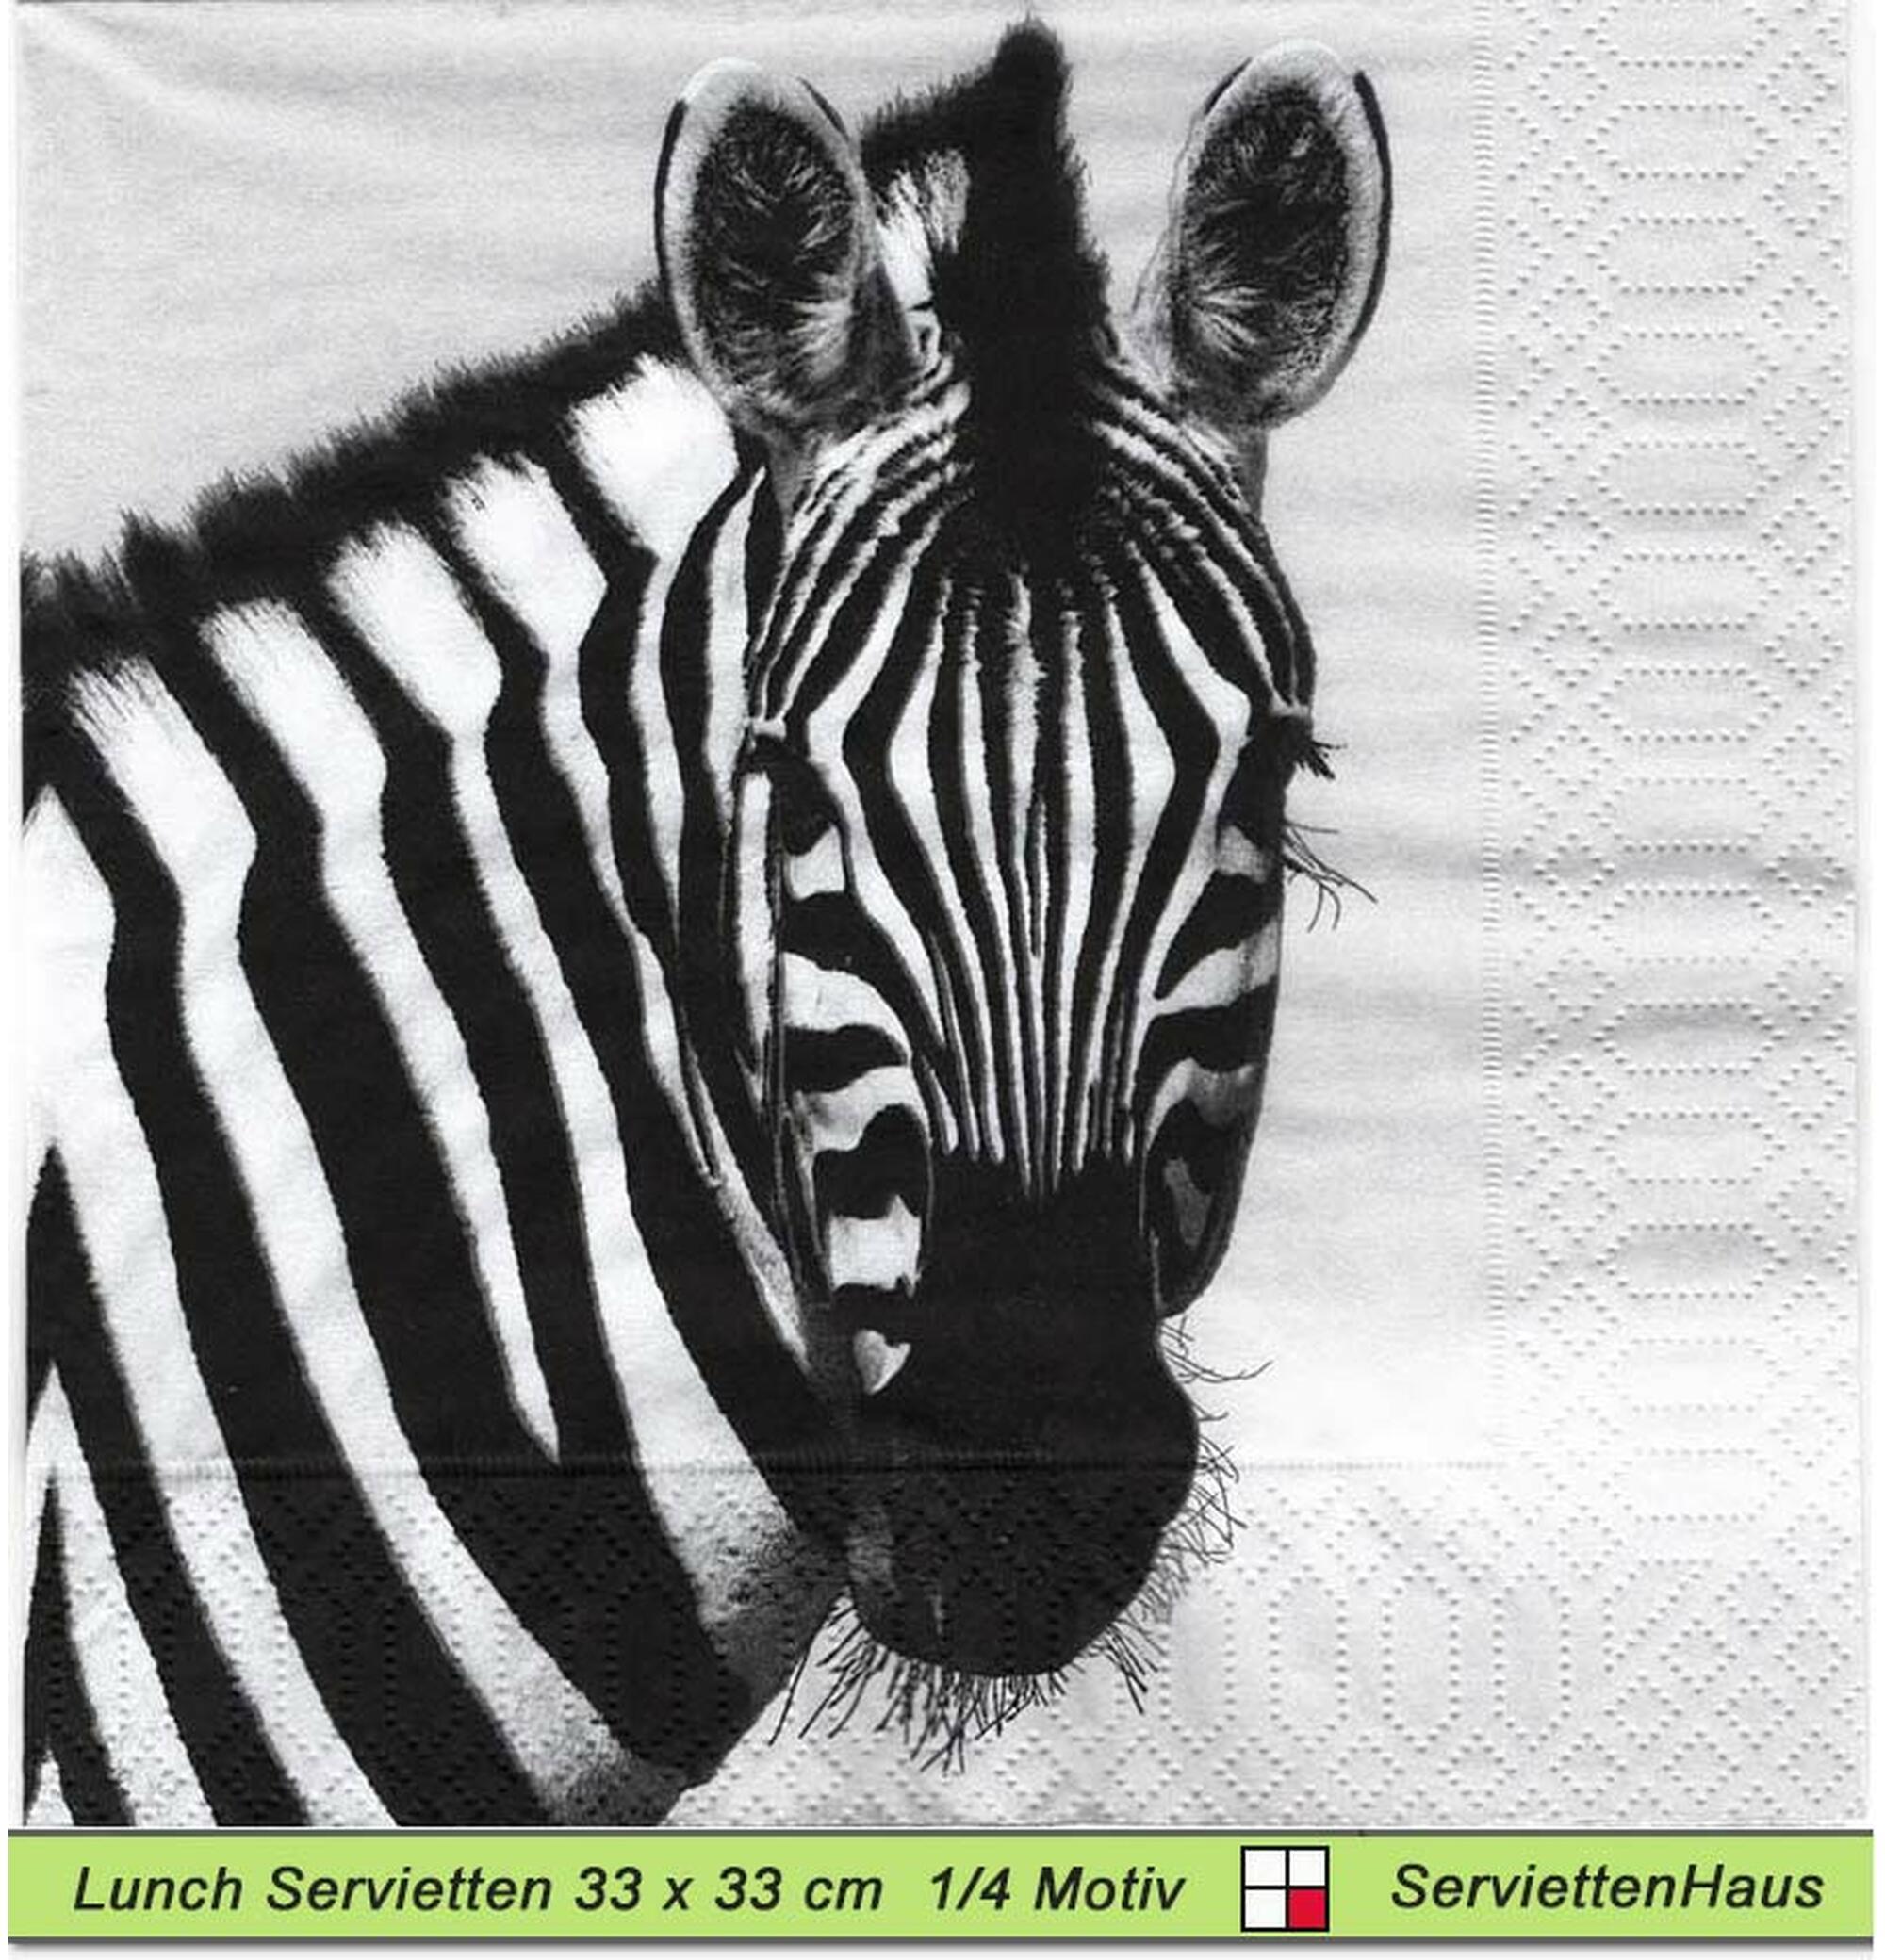 20 Stück Afrikanische Tiere Servietten mit Zebra 33 x 33 cm Servietten Zebra